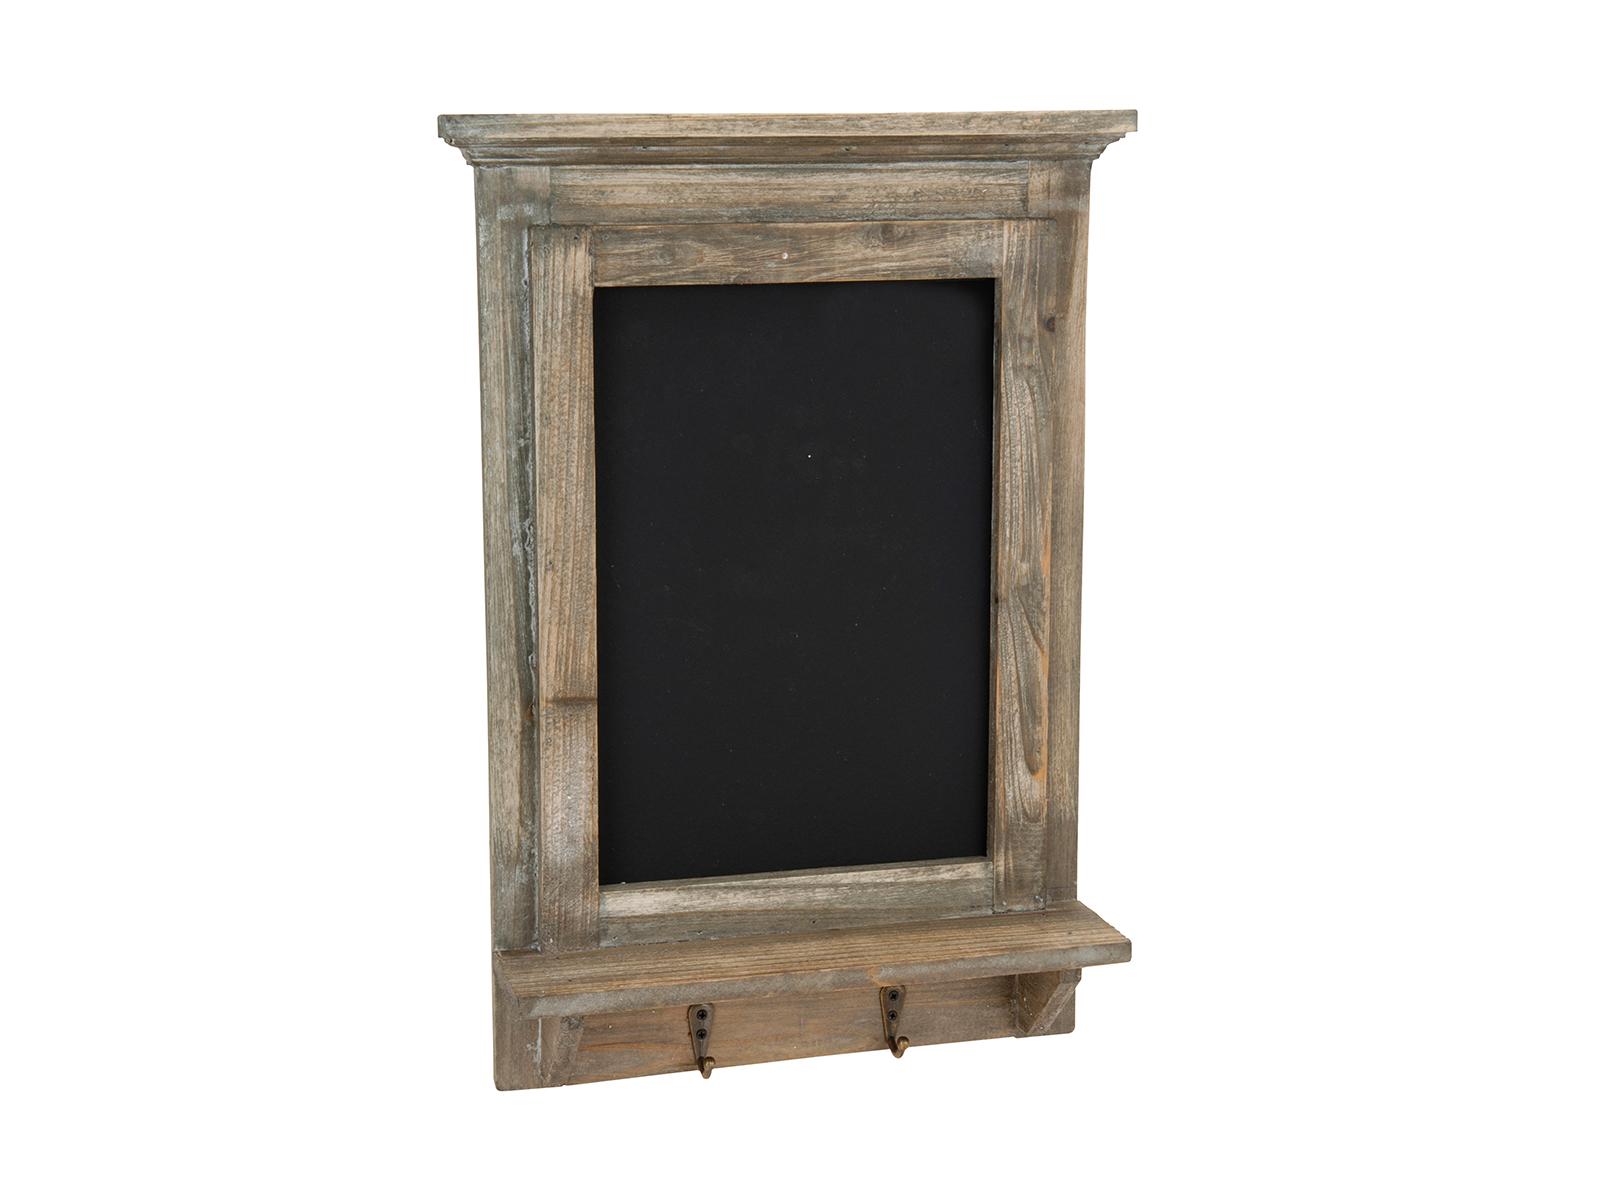 Доска грифельная Old WoodОформление интерьера<br>Грифельная доска для заметок, с двумя вешалками<br>